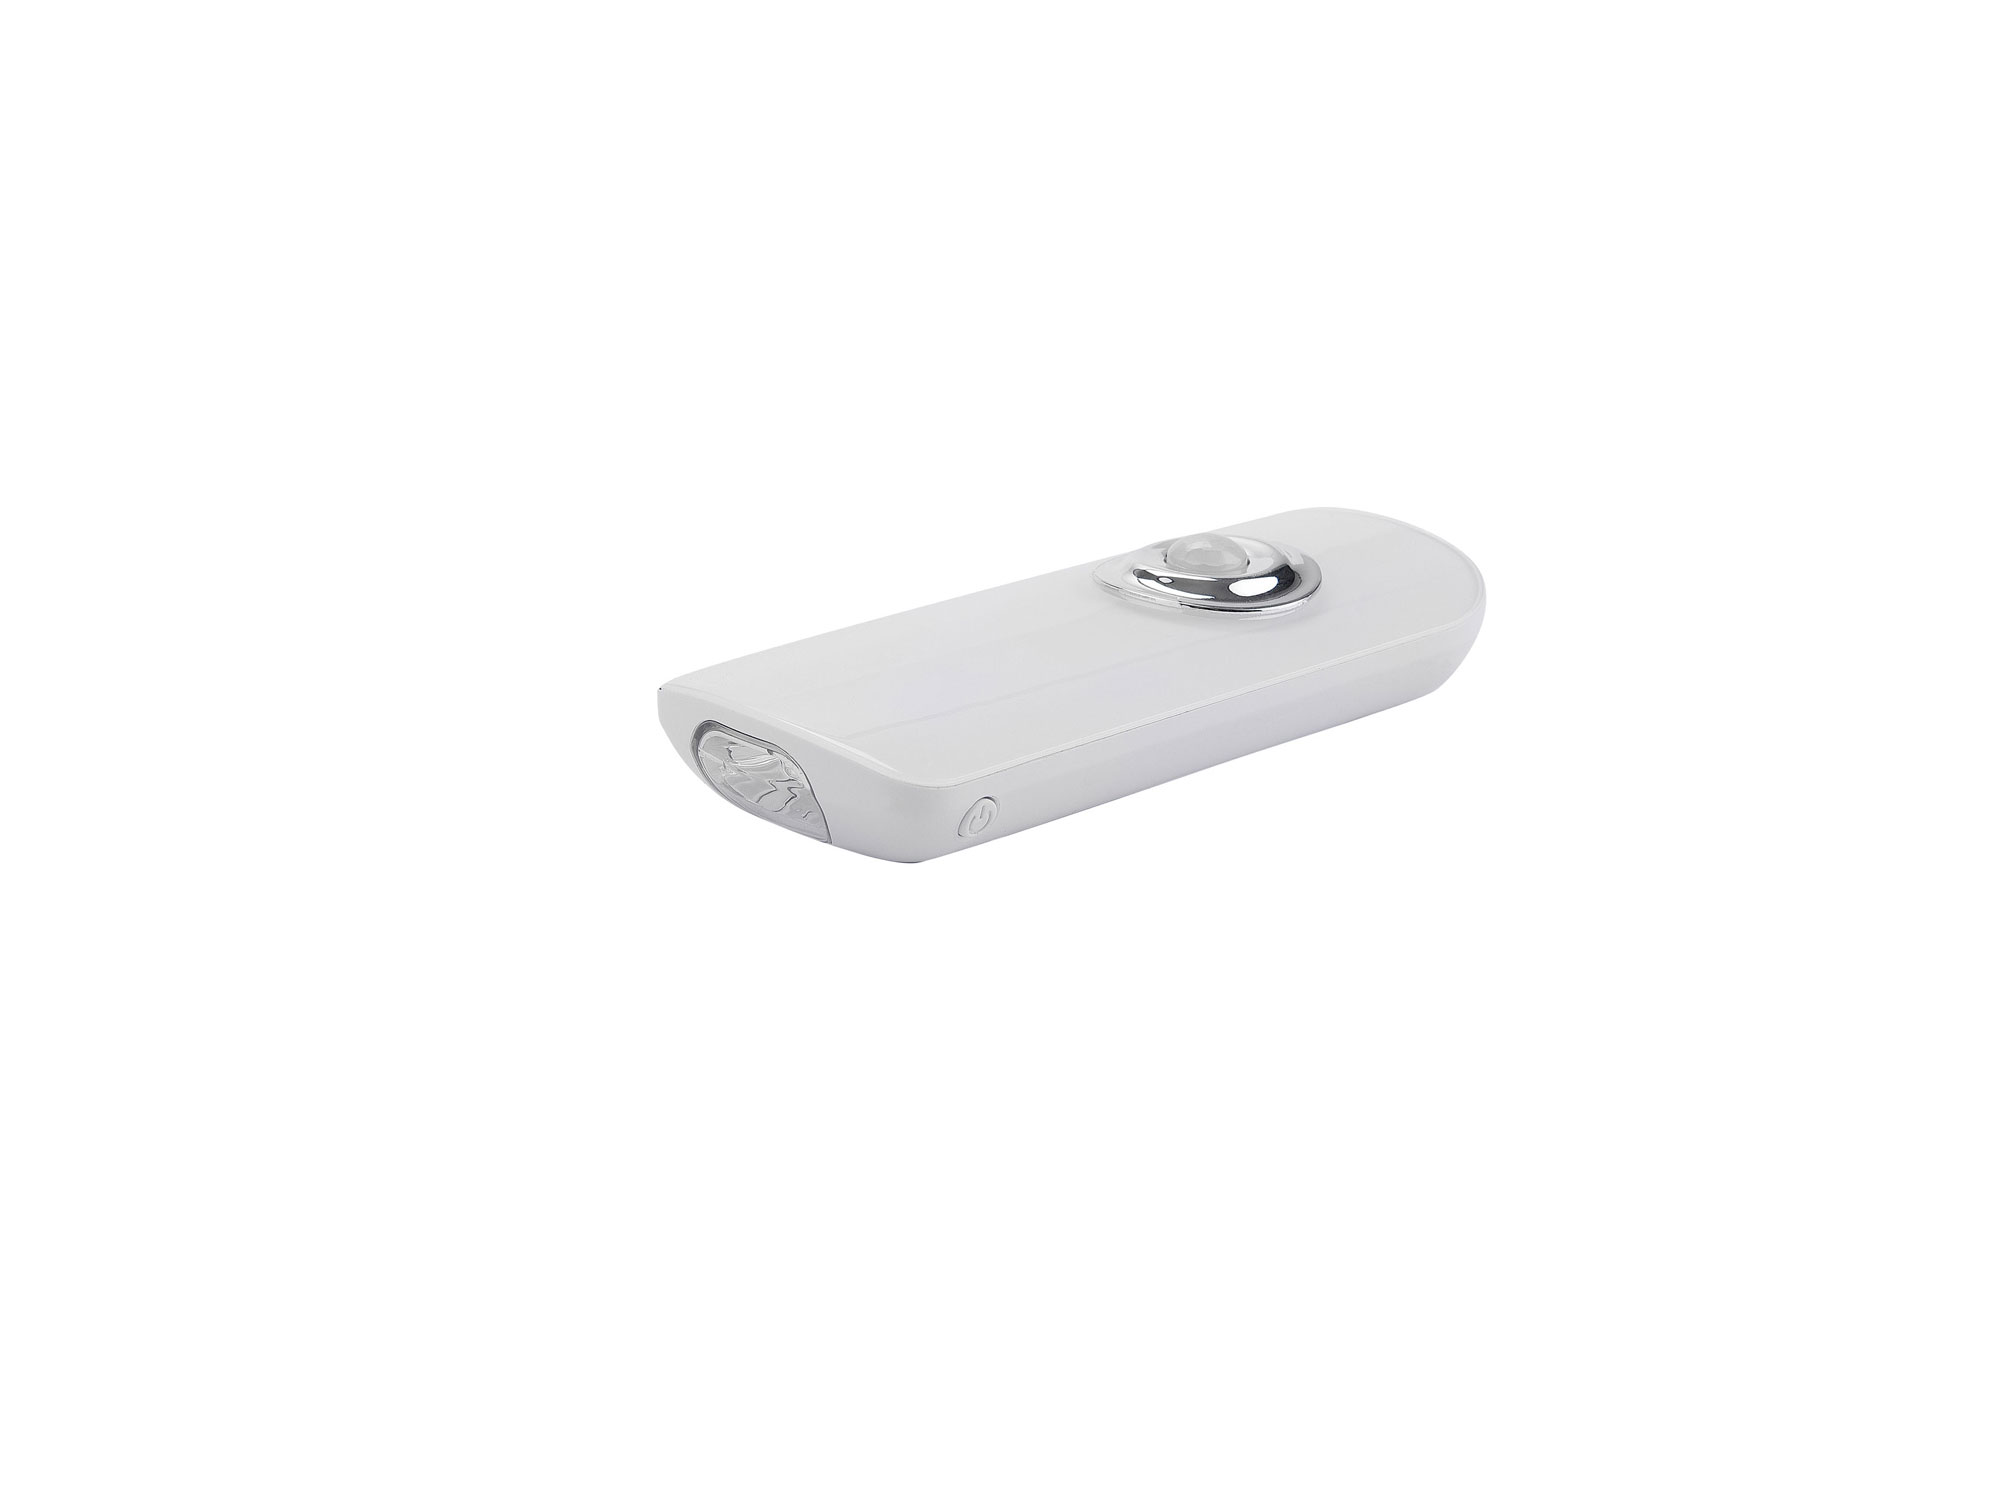 Svítilna pohotovostní s pohybovým čidlem, indukční nabíjení, Li-ion, 16+2 LED EXTOL LIGHT